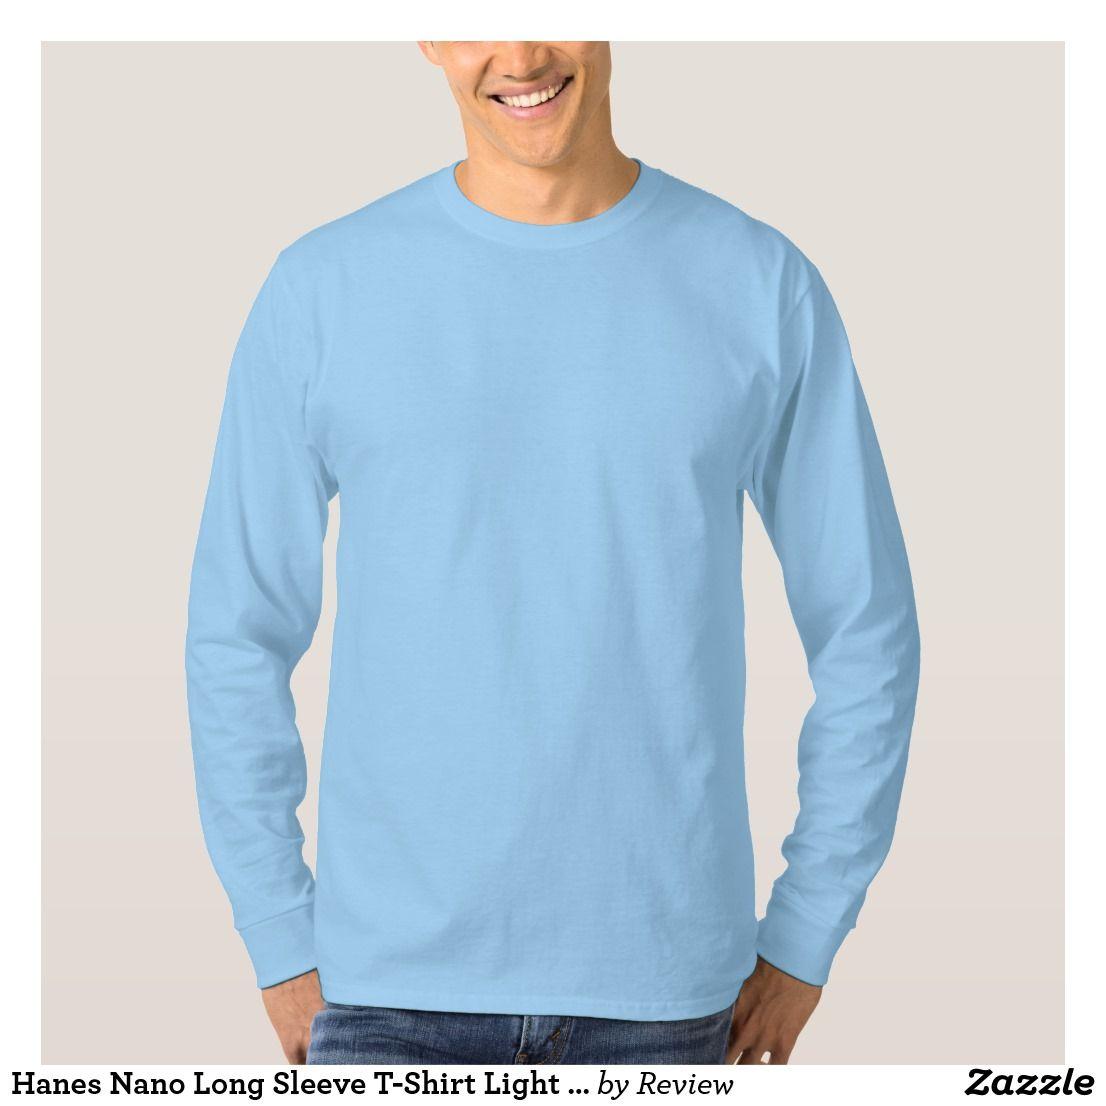 Hanes Nano Long Sleeve T Shirt Light Blue Blank Zazzle Com Long Sleeve Shirt Men Long Sleeve Shirts Basic Long Sleeve